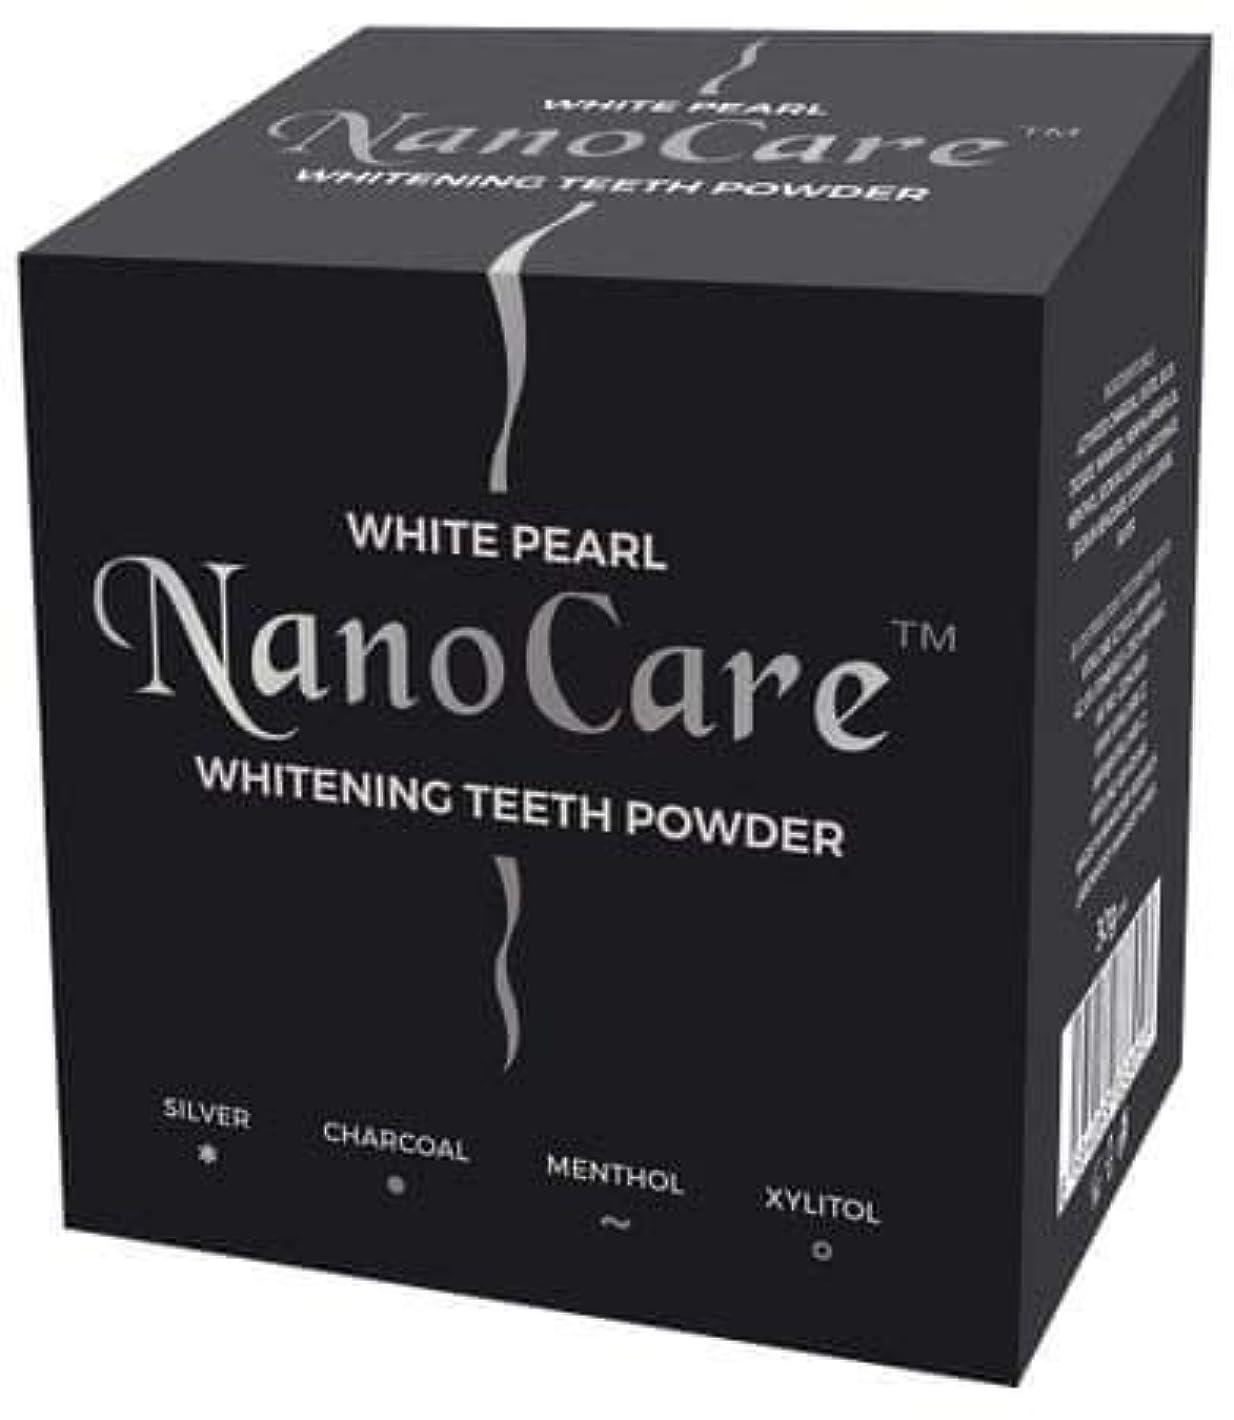 シソーラス食欲講義Nano Care Whitening Powder with Active Charcoal and Silver nanoparticles 30g Made in Korea?/ 活性炭と銀ナノ粒子30gのナノケアホワイトニングパウダー韓国製